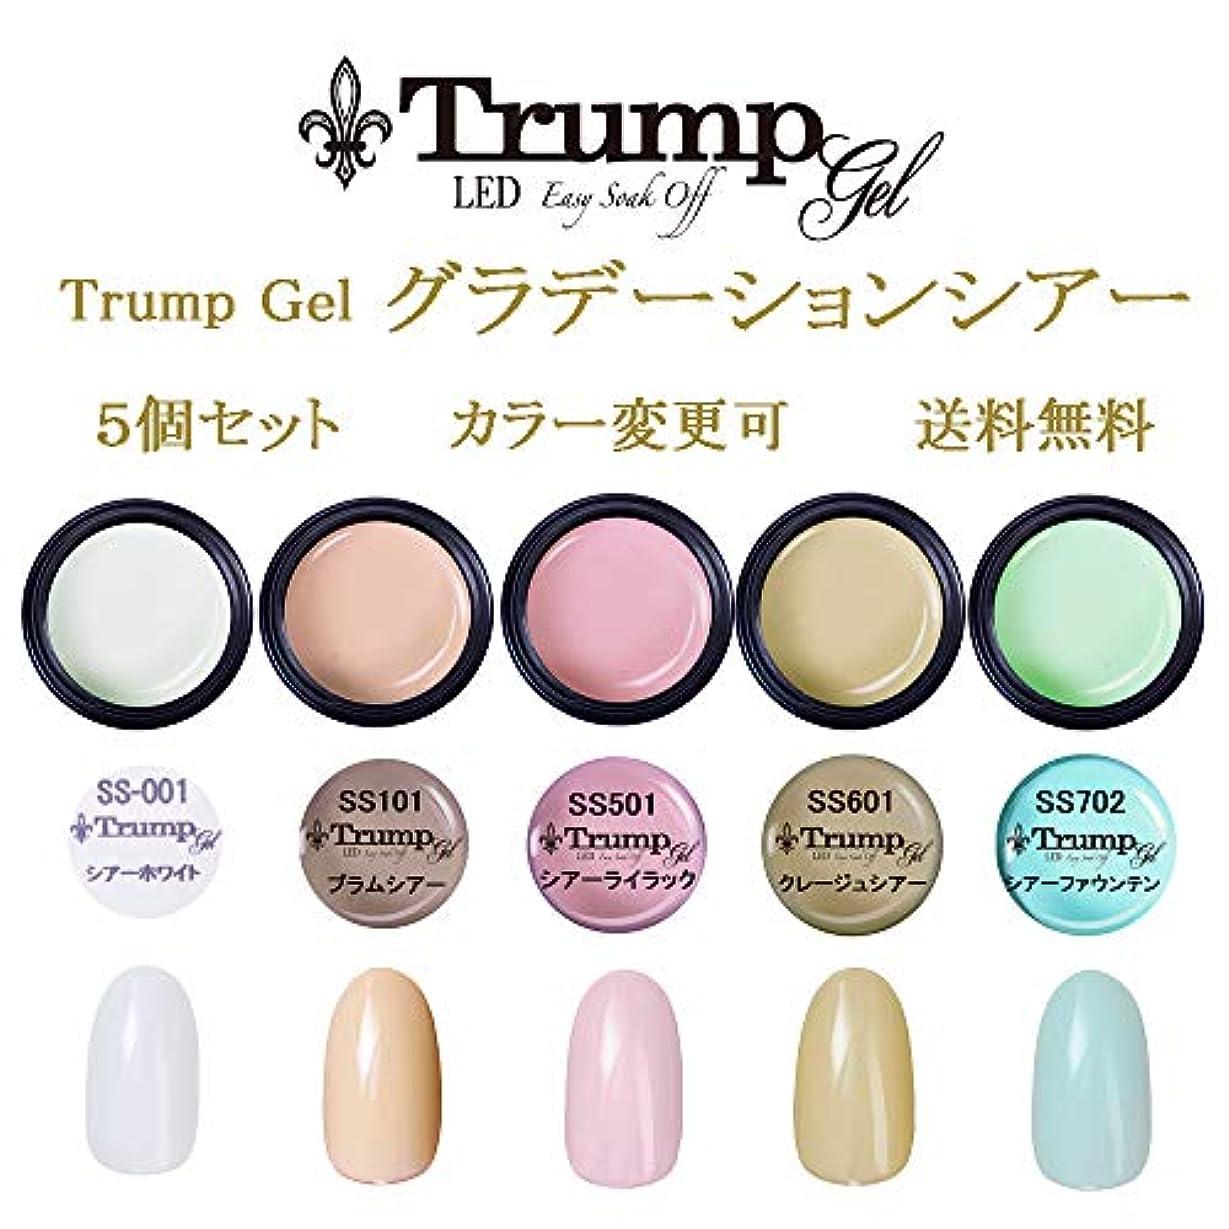 フォーラム抗生物質豚日本製 Trump gel トランプジェル グラデーション シアーカラー 選べる カラージェル 5個セット ホワイト ベージュ ピンク イエロー ブルー